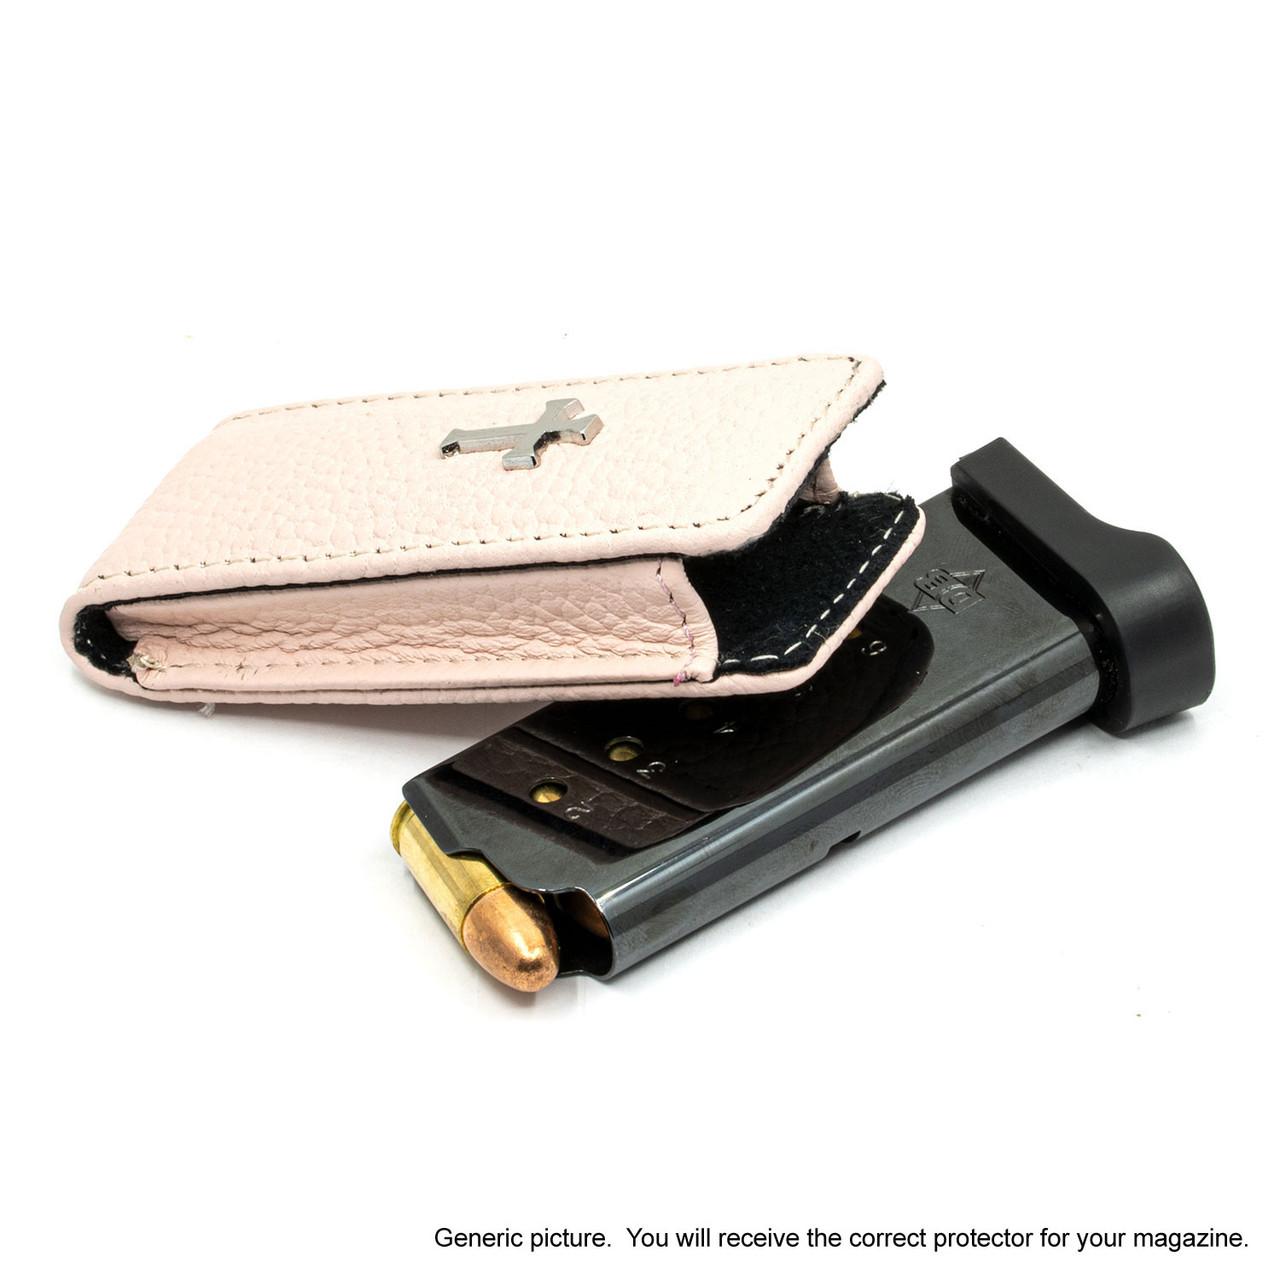 Kahr MK9 Pink Carry Faithfully Cross Magazine Pocket Protector